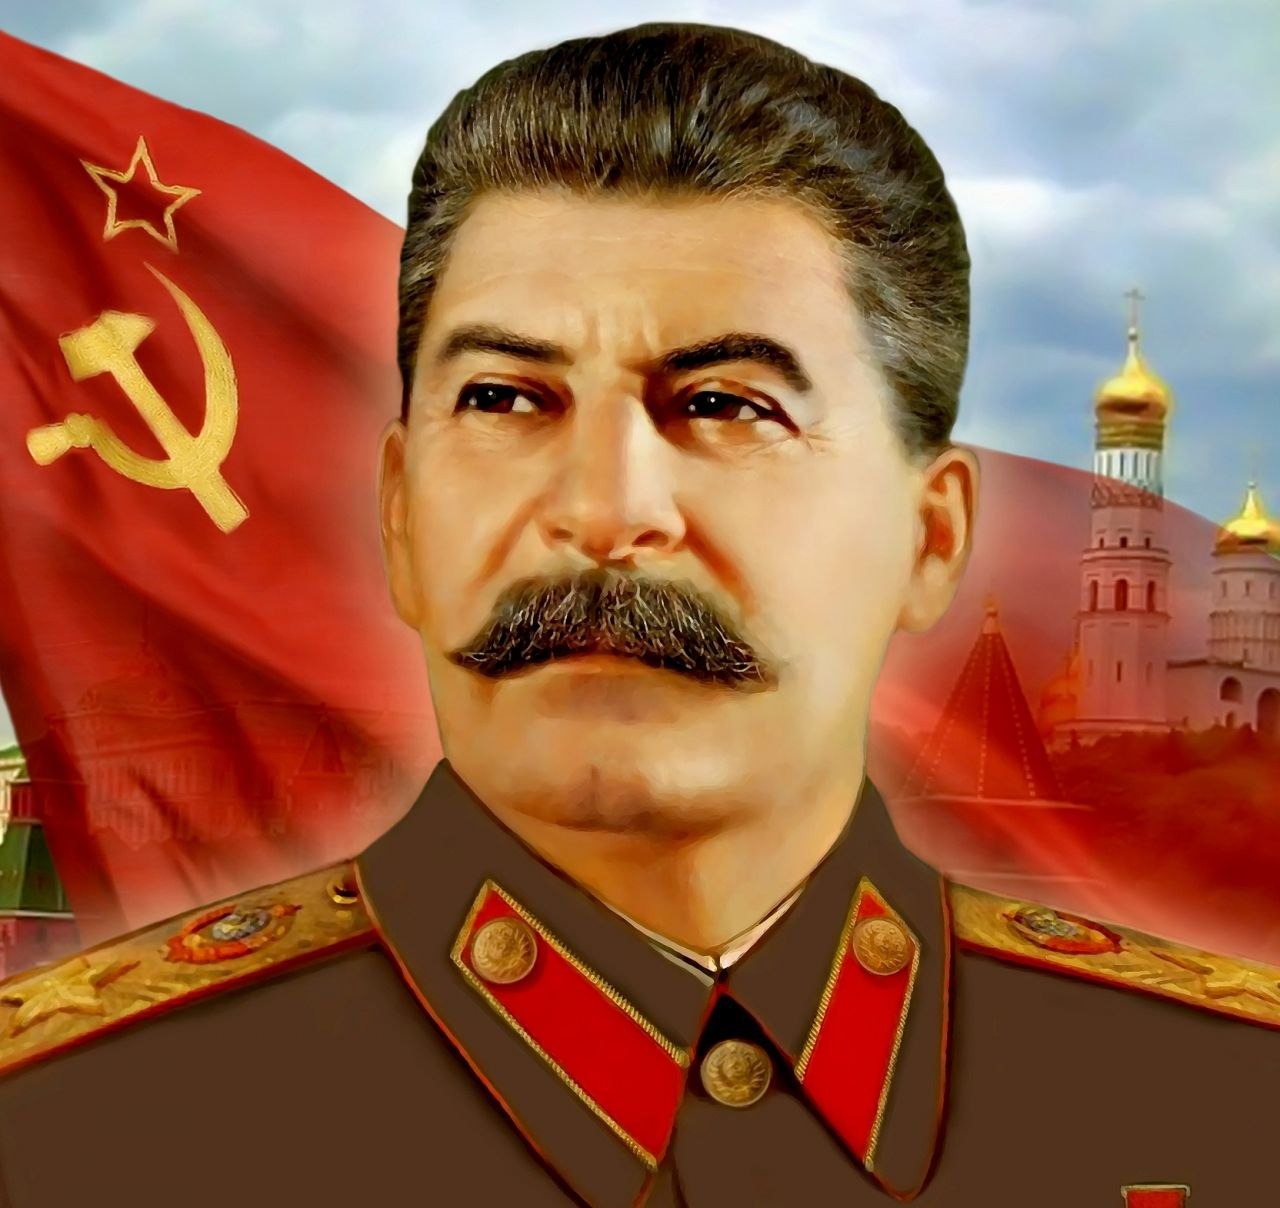 Евгений Спицын: Сталин создал такую систему управления, что за любую ложь, а уж тем более сознательную ложь человека карали